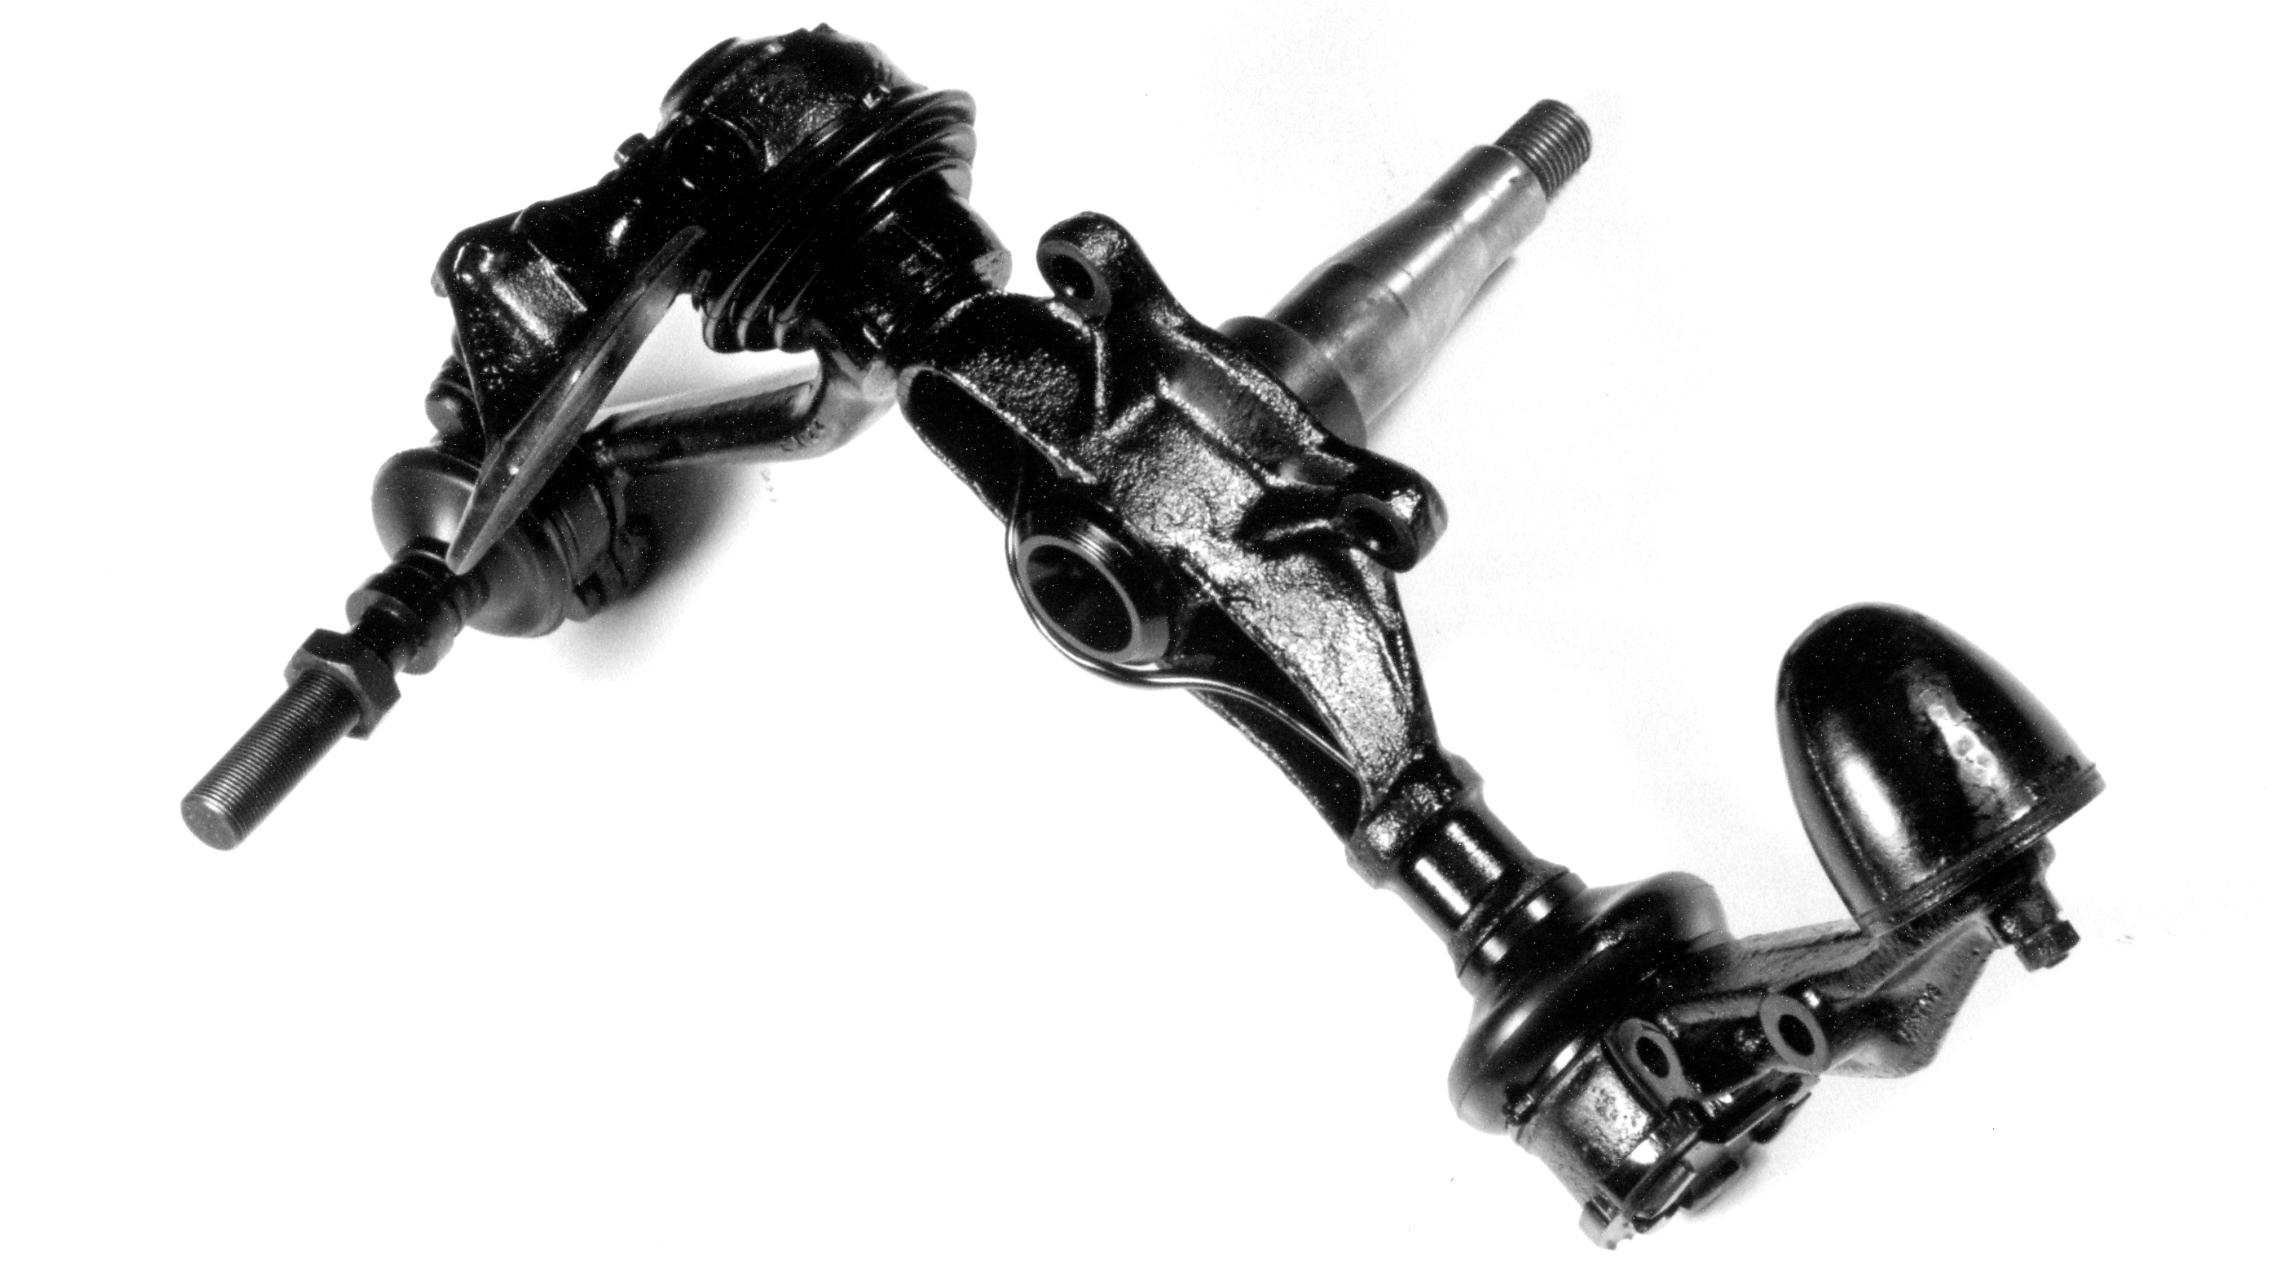 Lagonda stub axle assembly